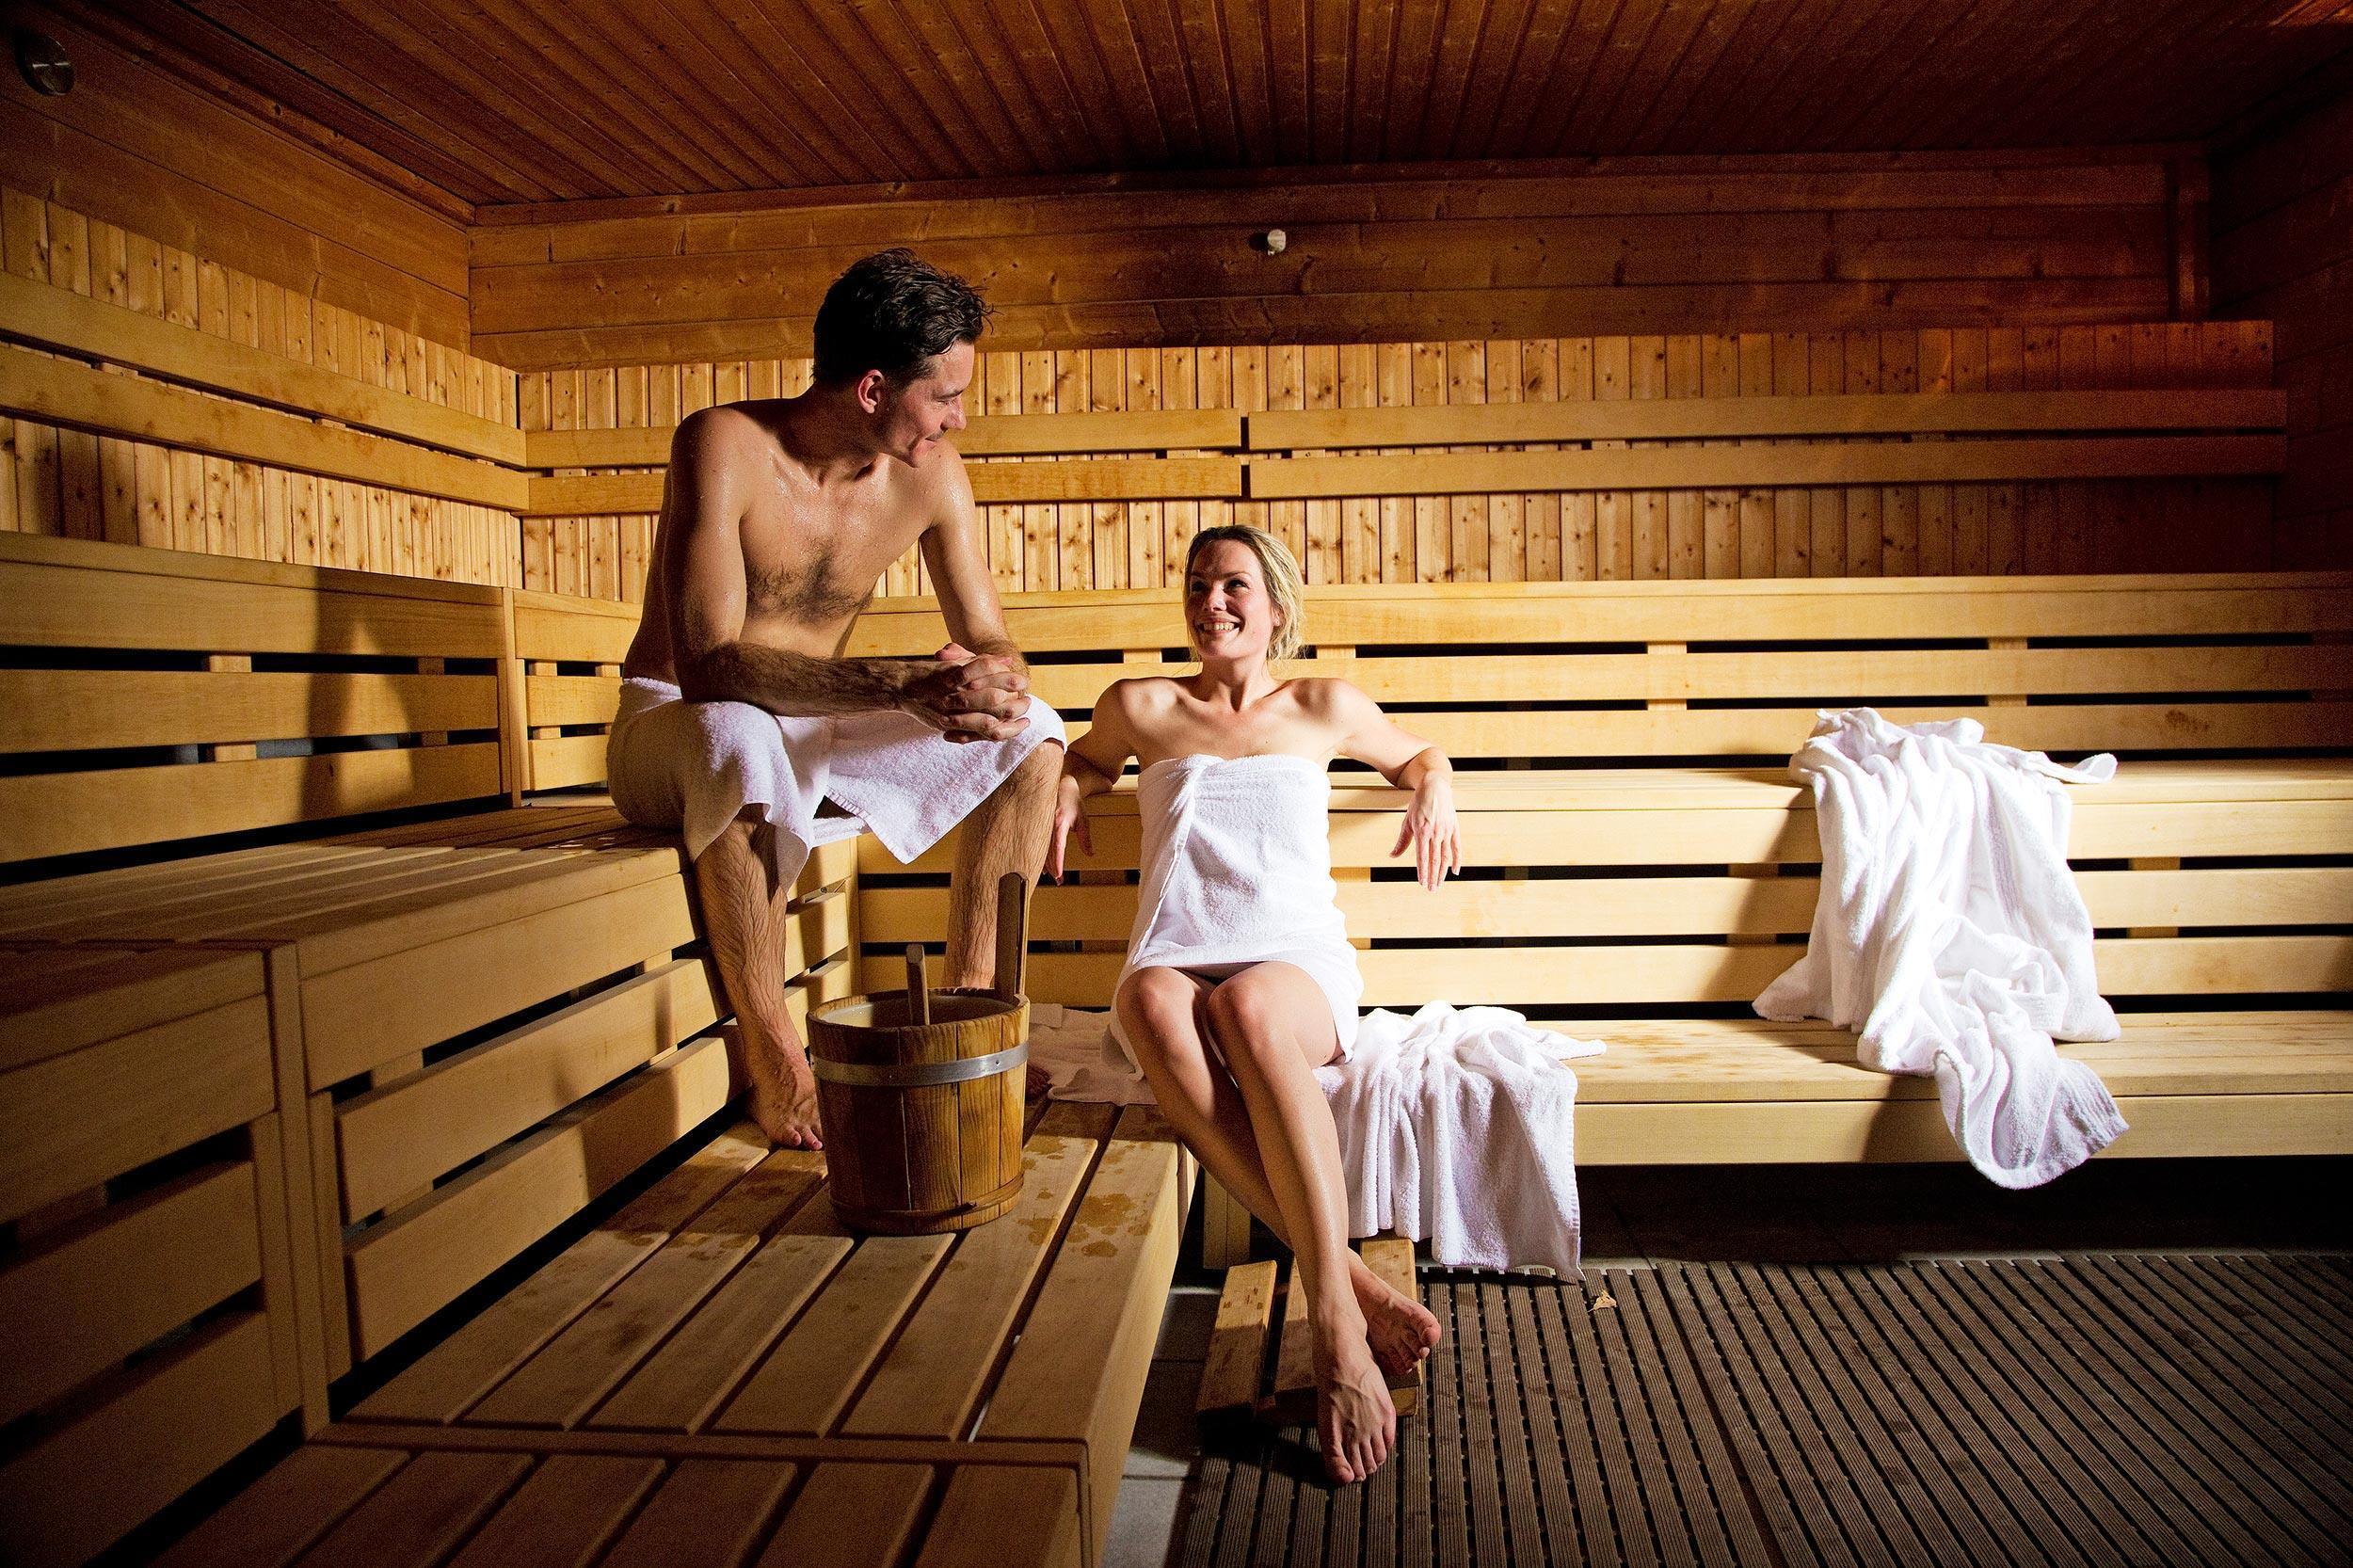 Рассказ секс в бане с друзьями, Порно рассказ: В первый раз с другом в бане 17 фотография